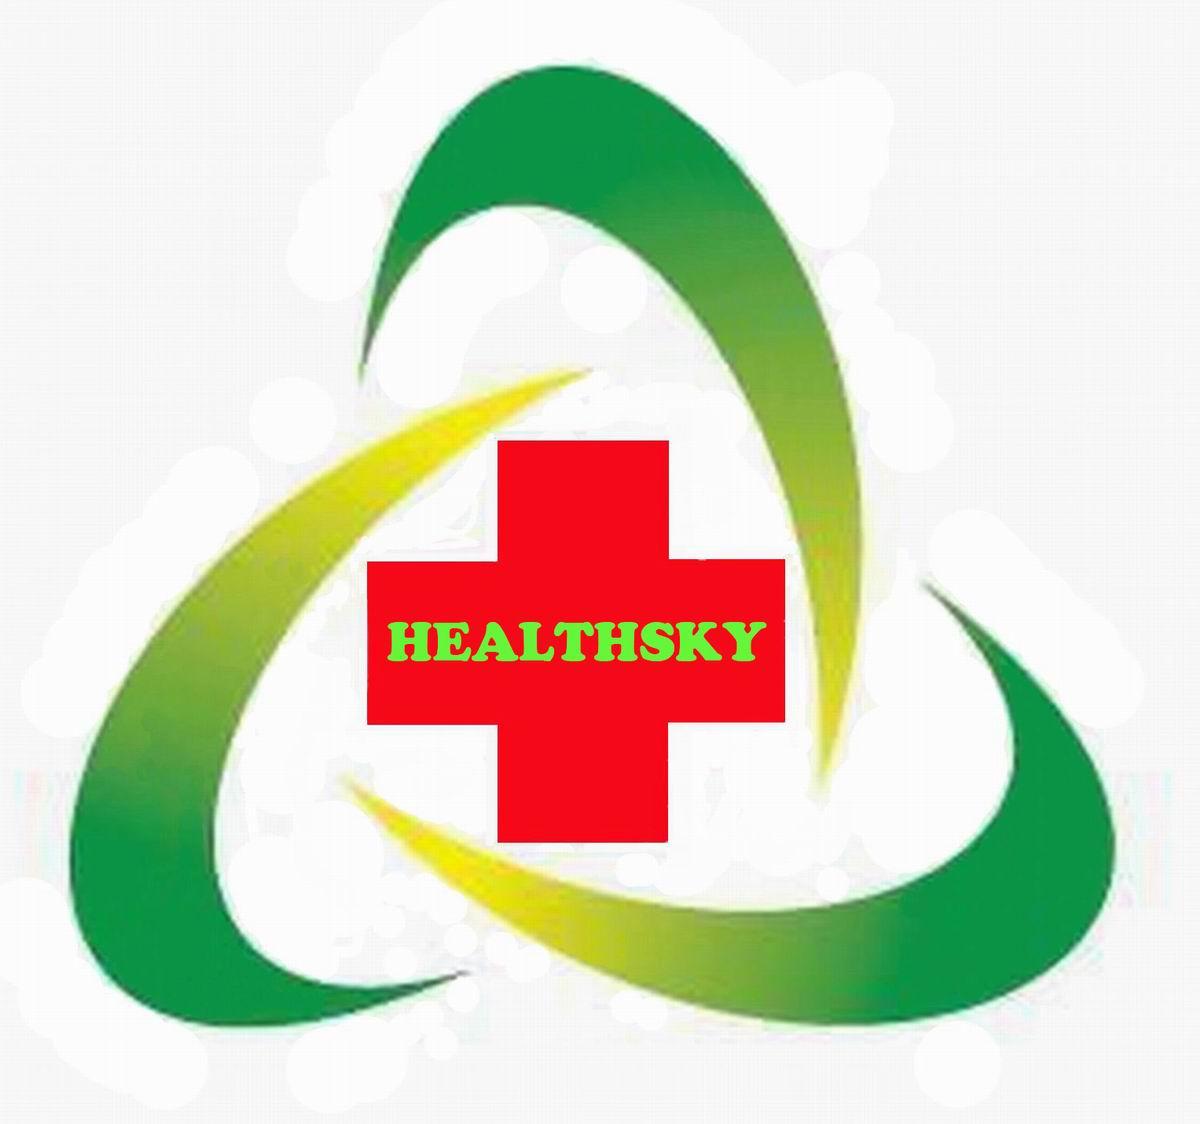 Shanghai Healthsky Industrial Co., Limited